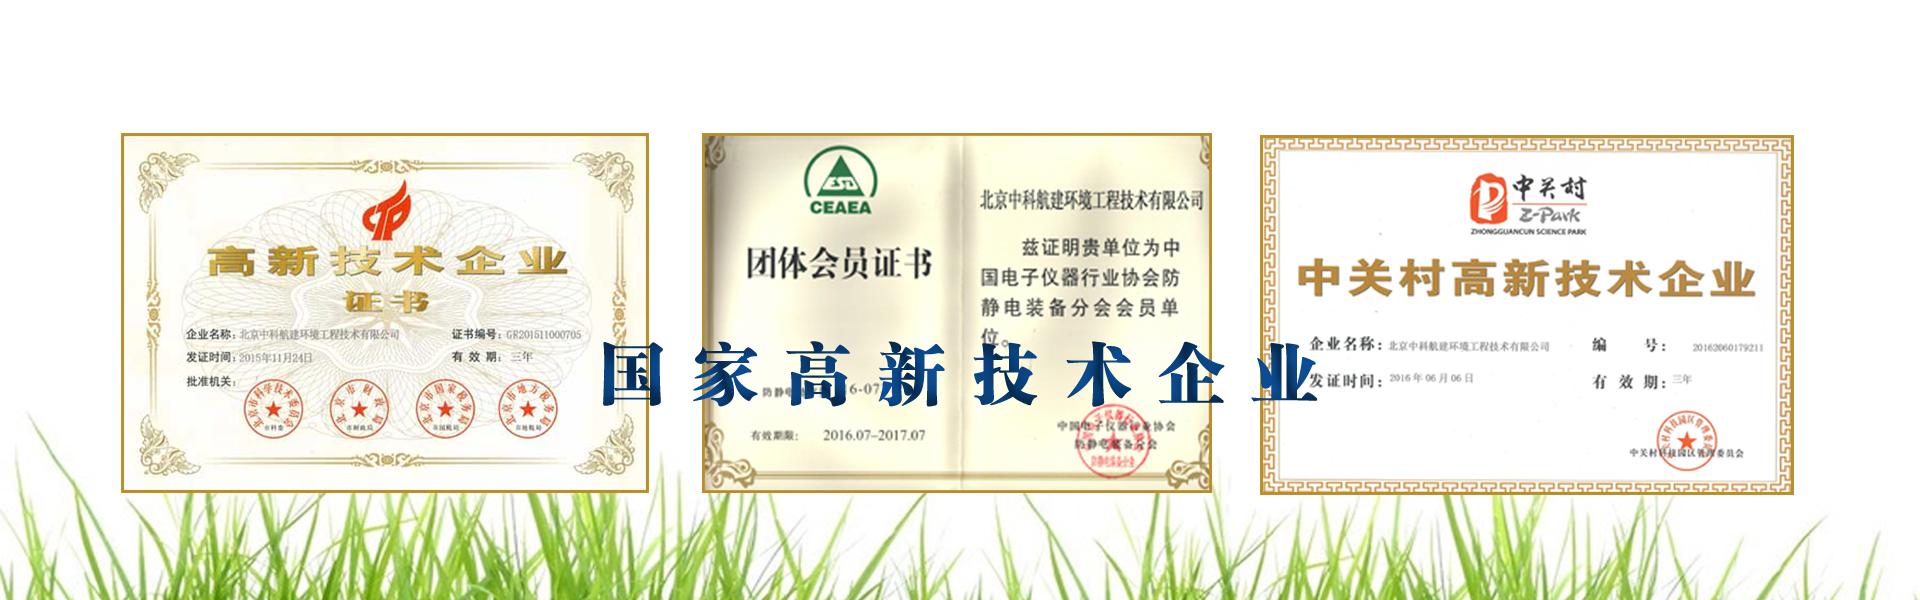 北京中科航建网站大图-高新技术企业证书